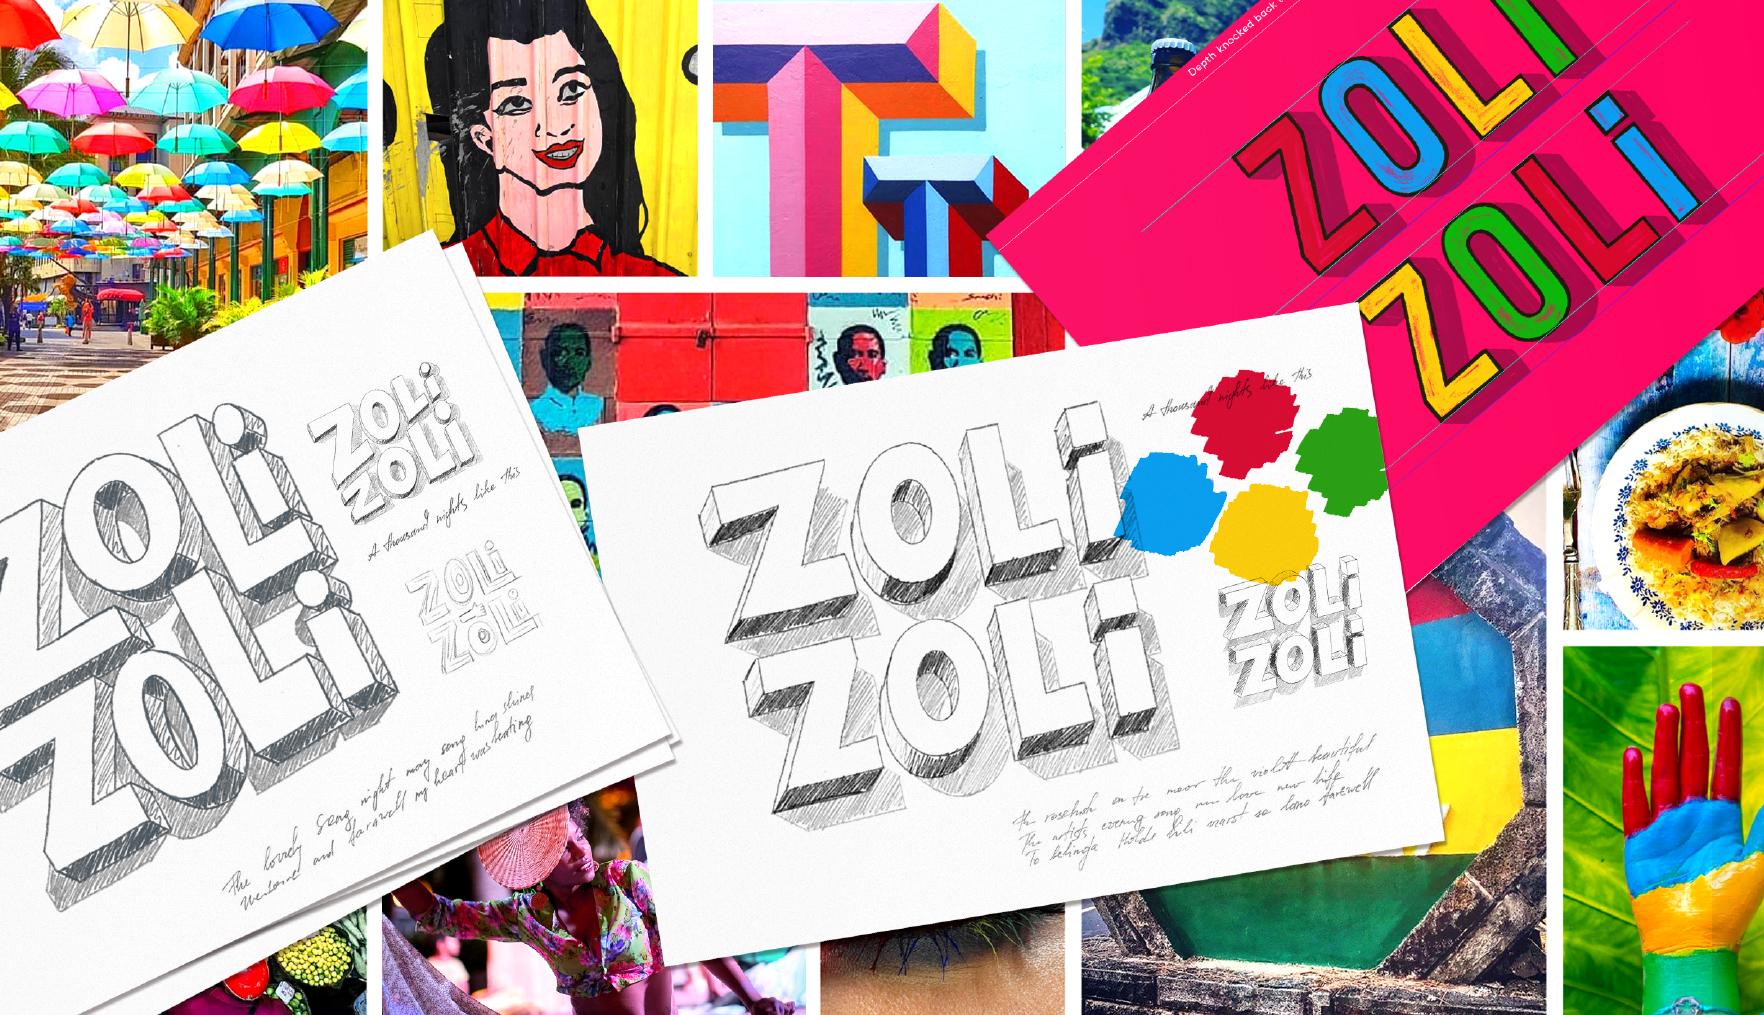 Bright&Bold_ZoliZoli_Sketches_06